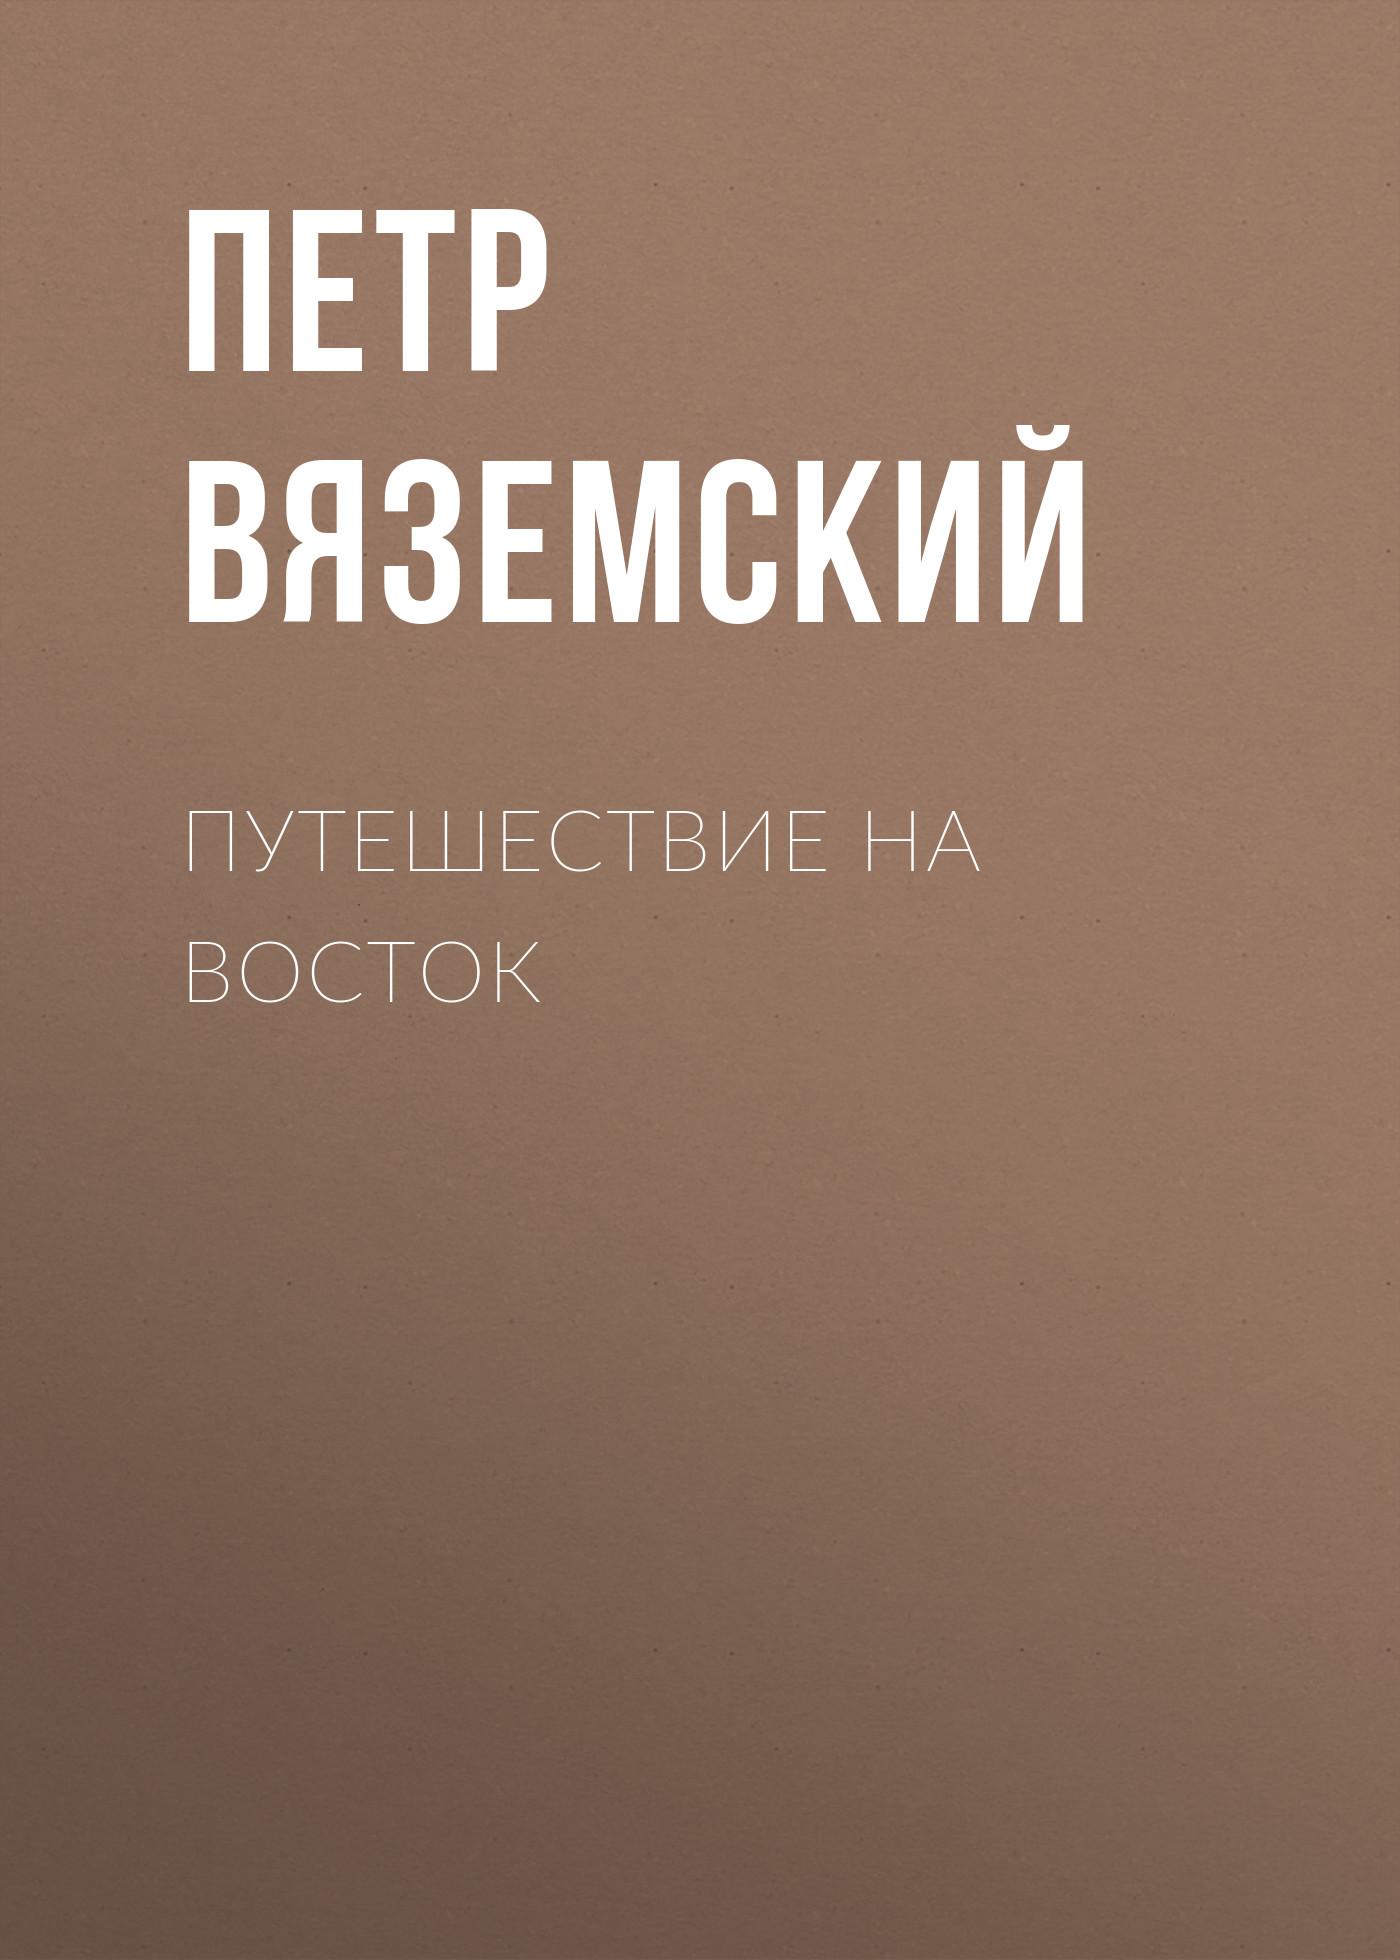 Петр Вяземский Путешествие на Восток петр вяземский за границею корректурные листы